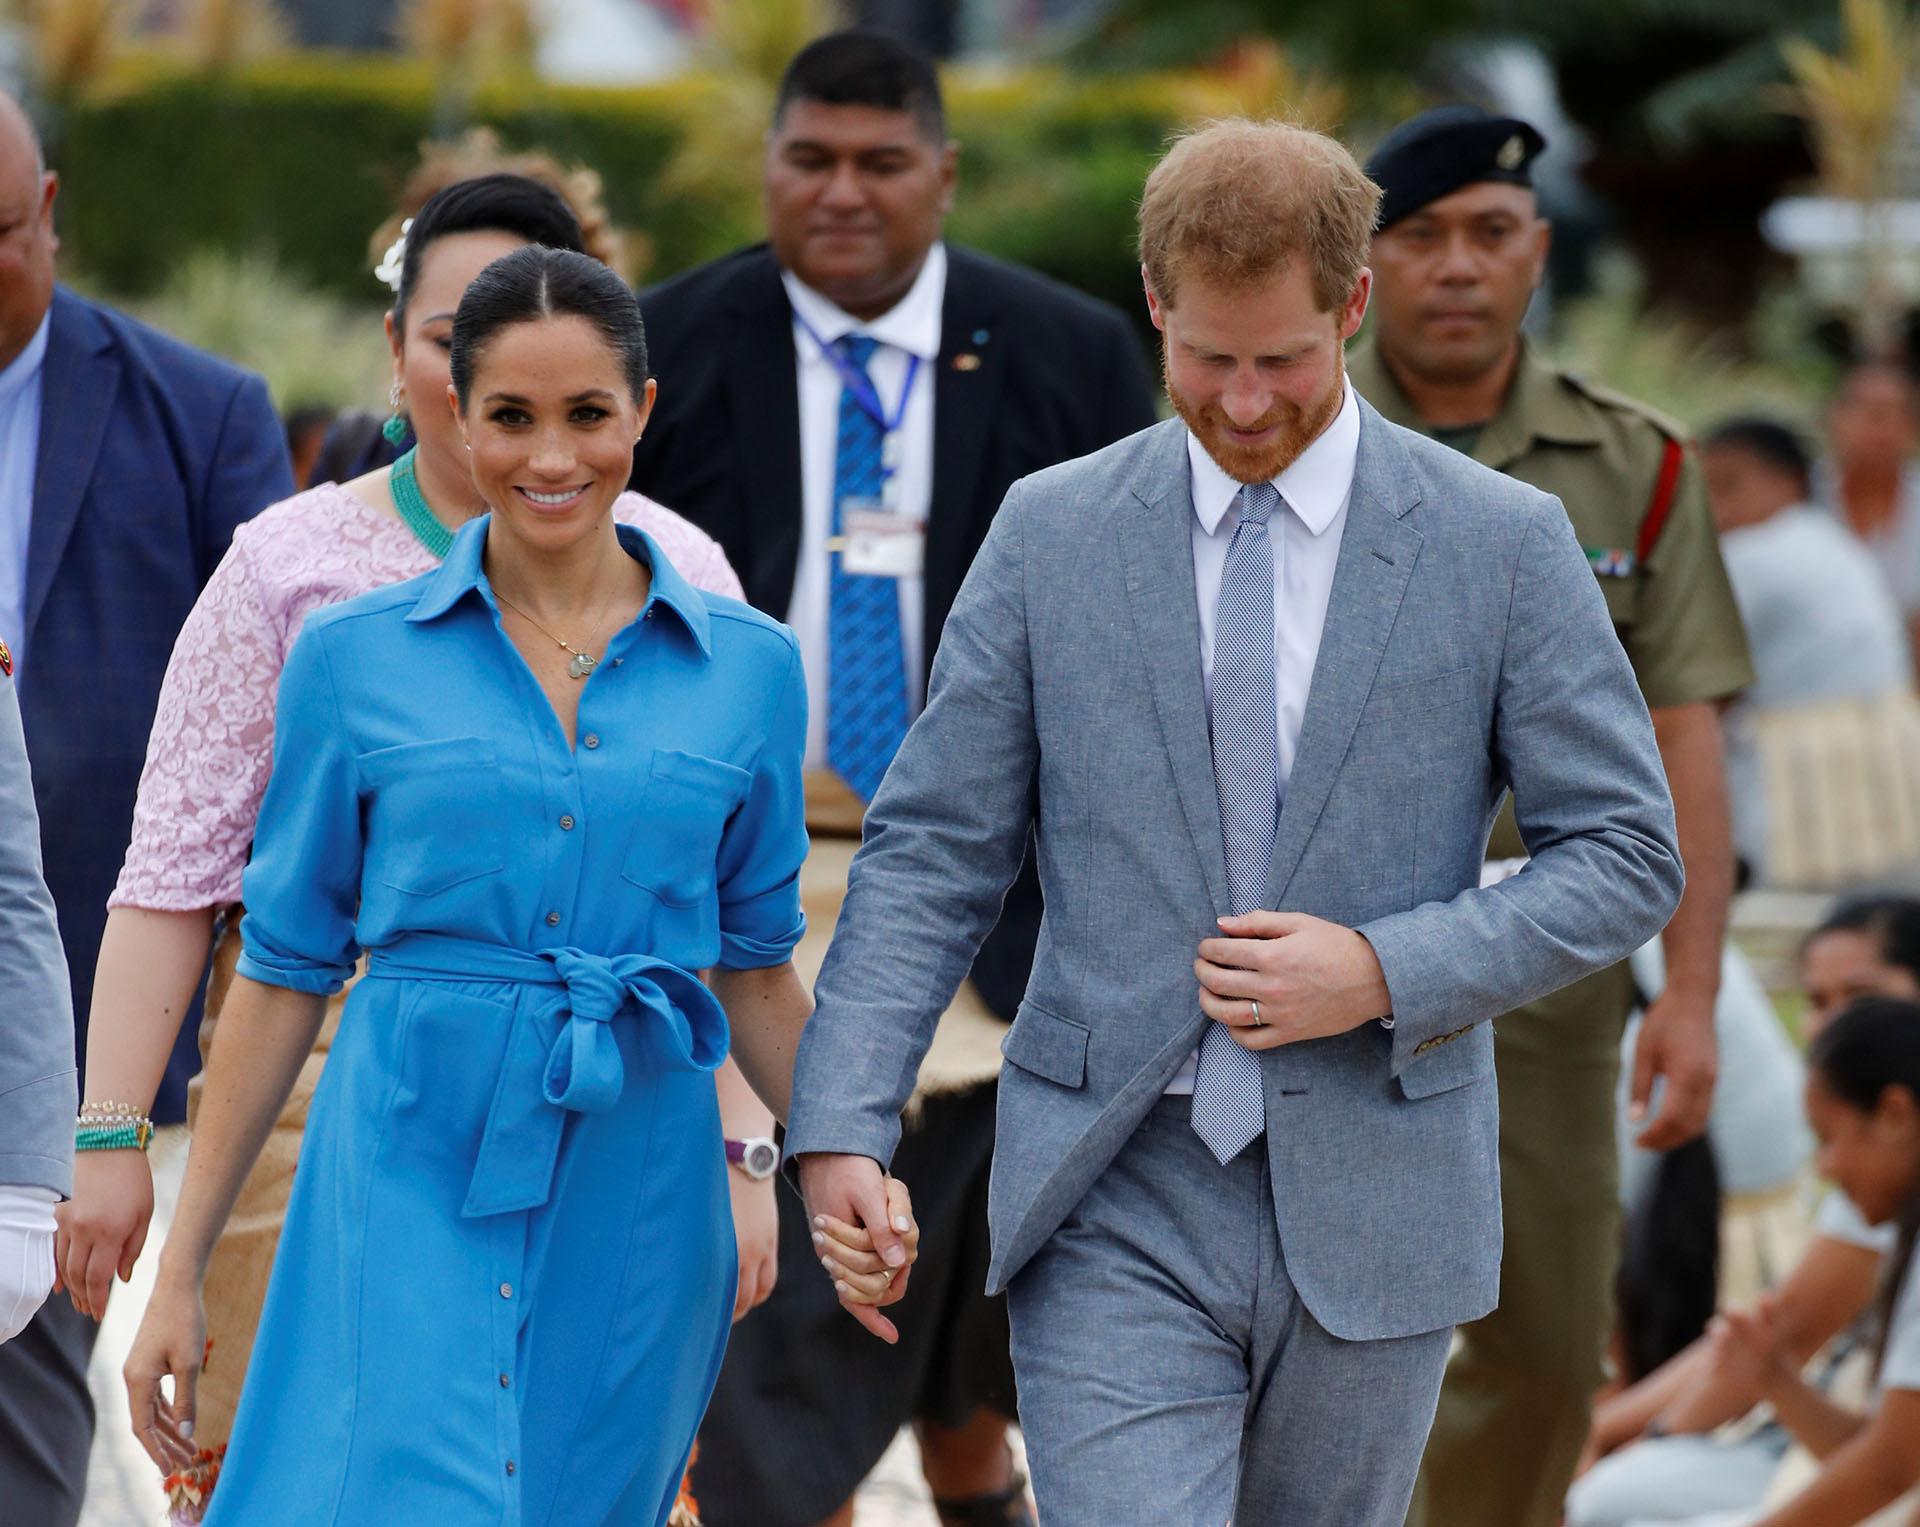 Para su tarde de compromisos en Tonga Meghan eligió un look más informal: un vestido con botones de Veronica Beard Cary, combinado con unos zapatos azules de Banana Republic (REUTERS)